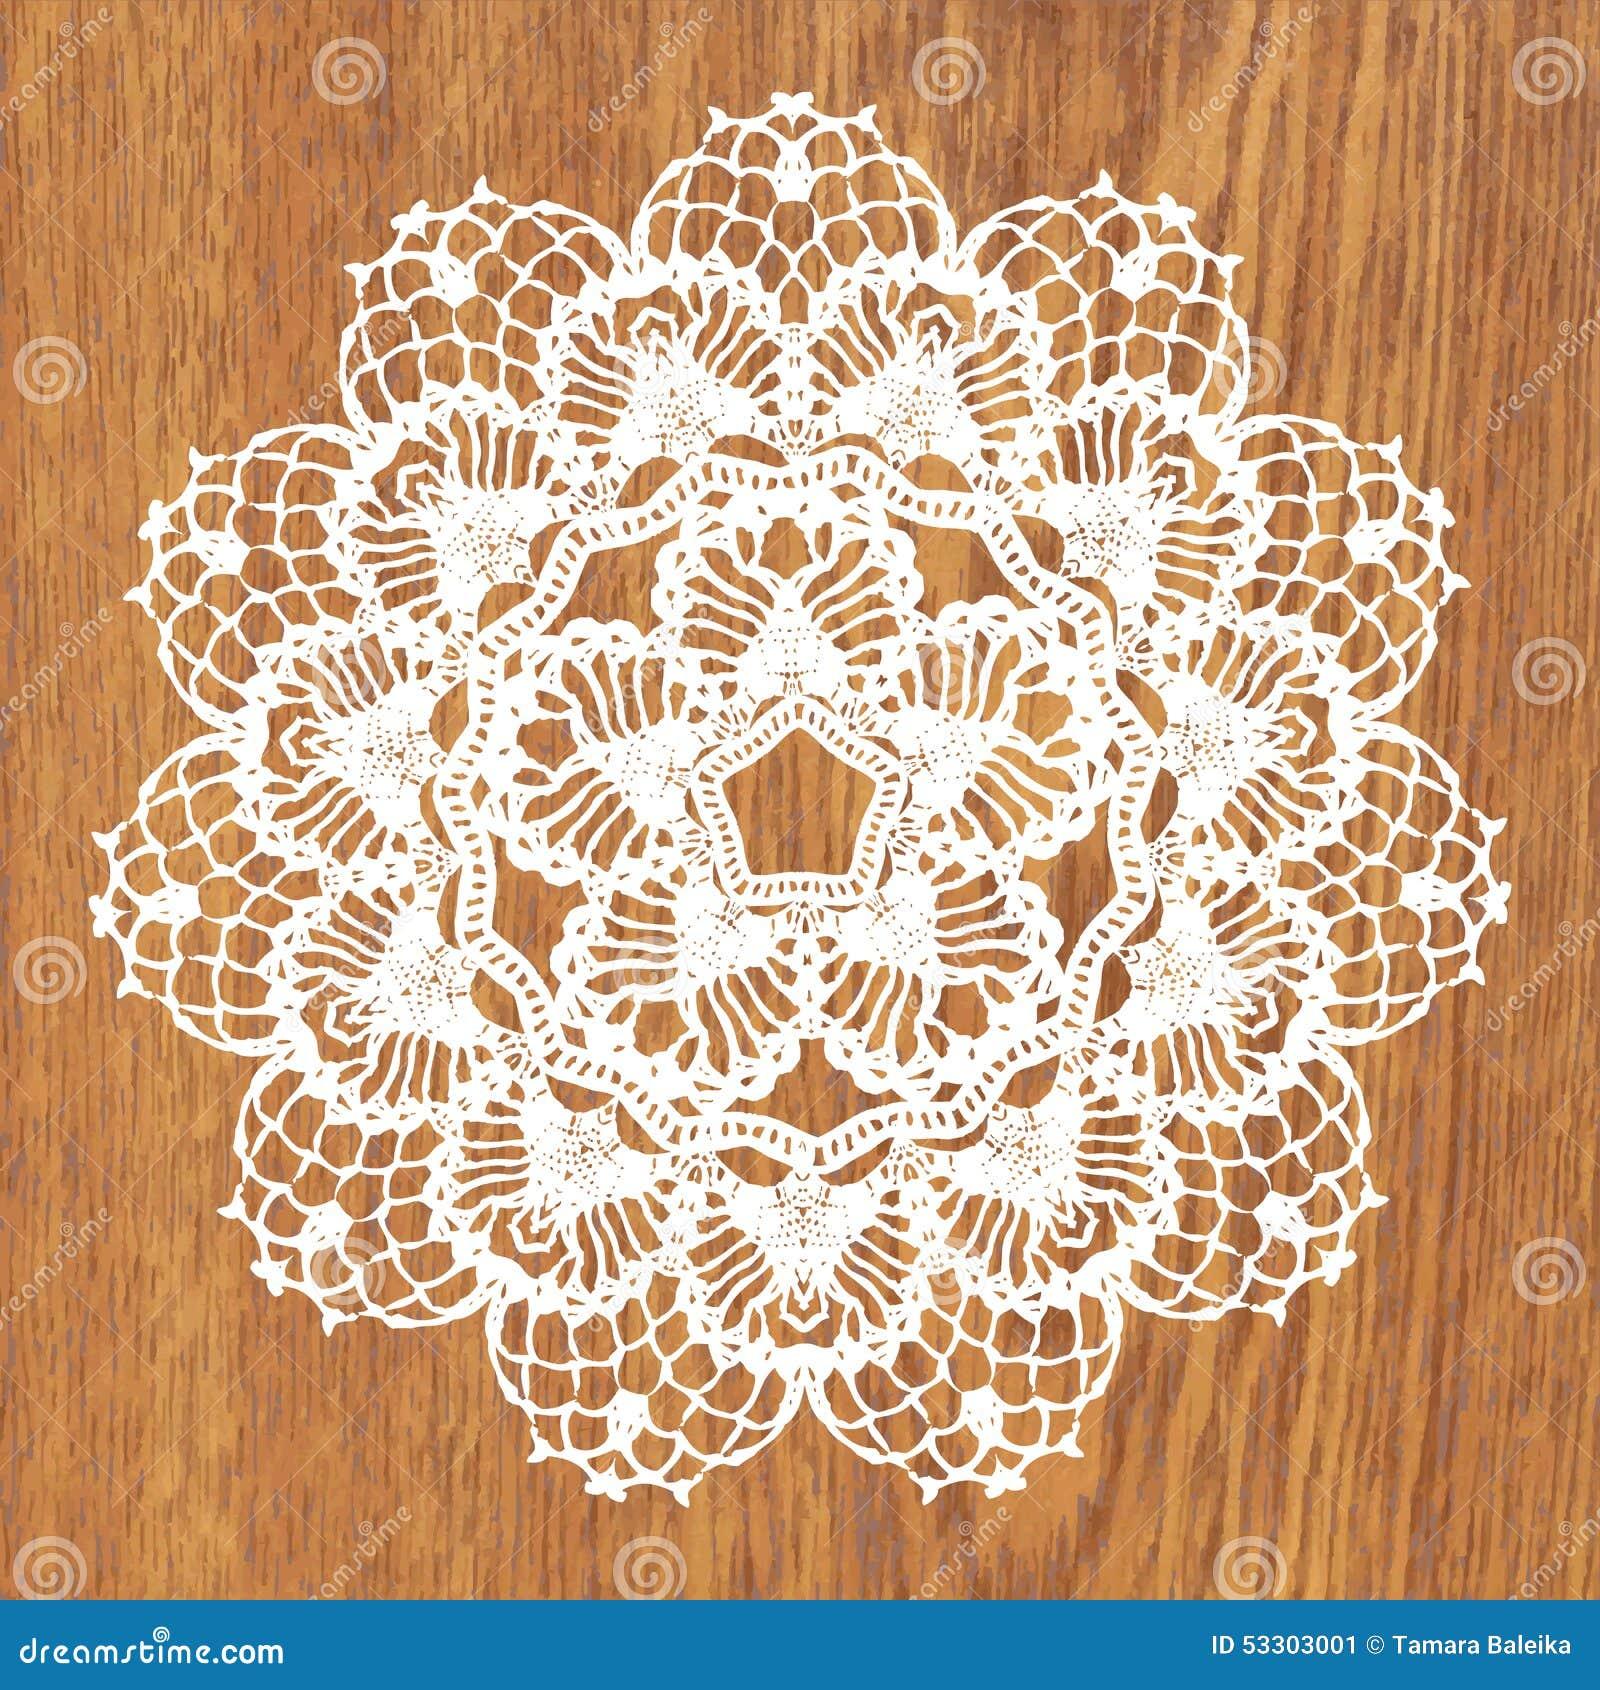 Crochet Patterns Vector : White Crochet Doily. Stock Vector - Image: 53303001